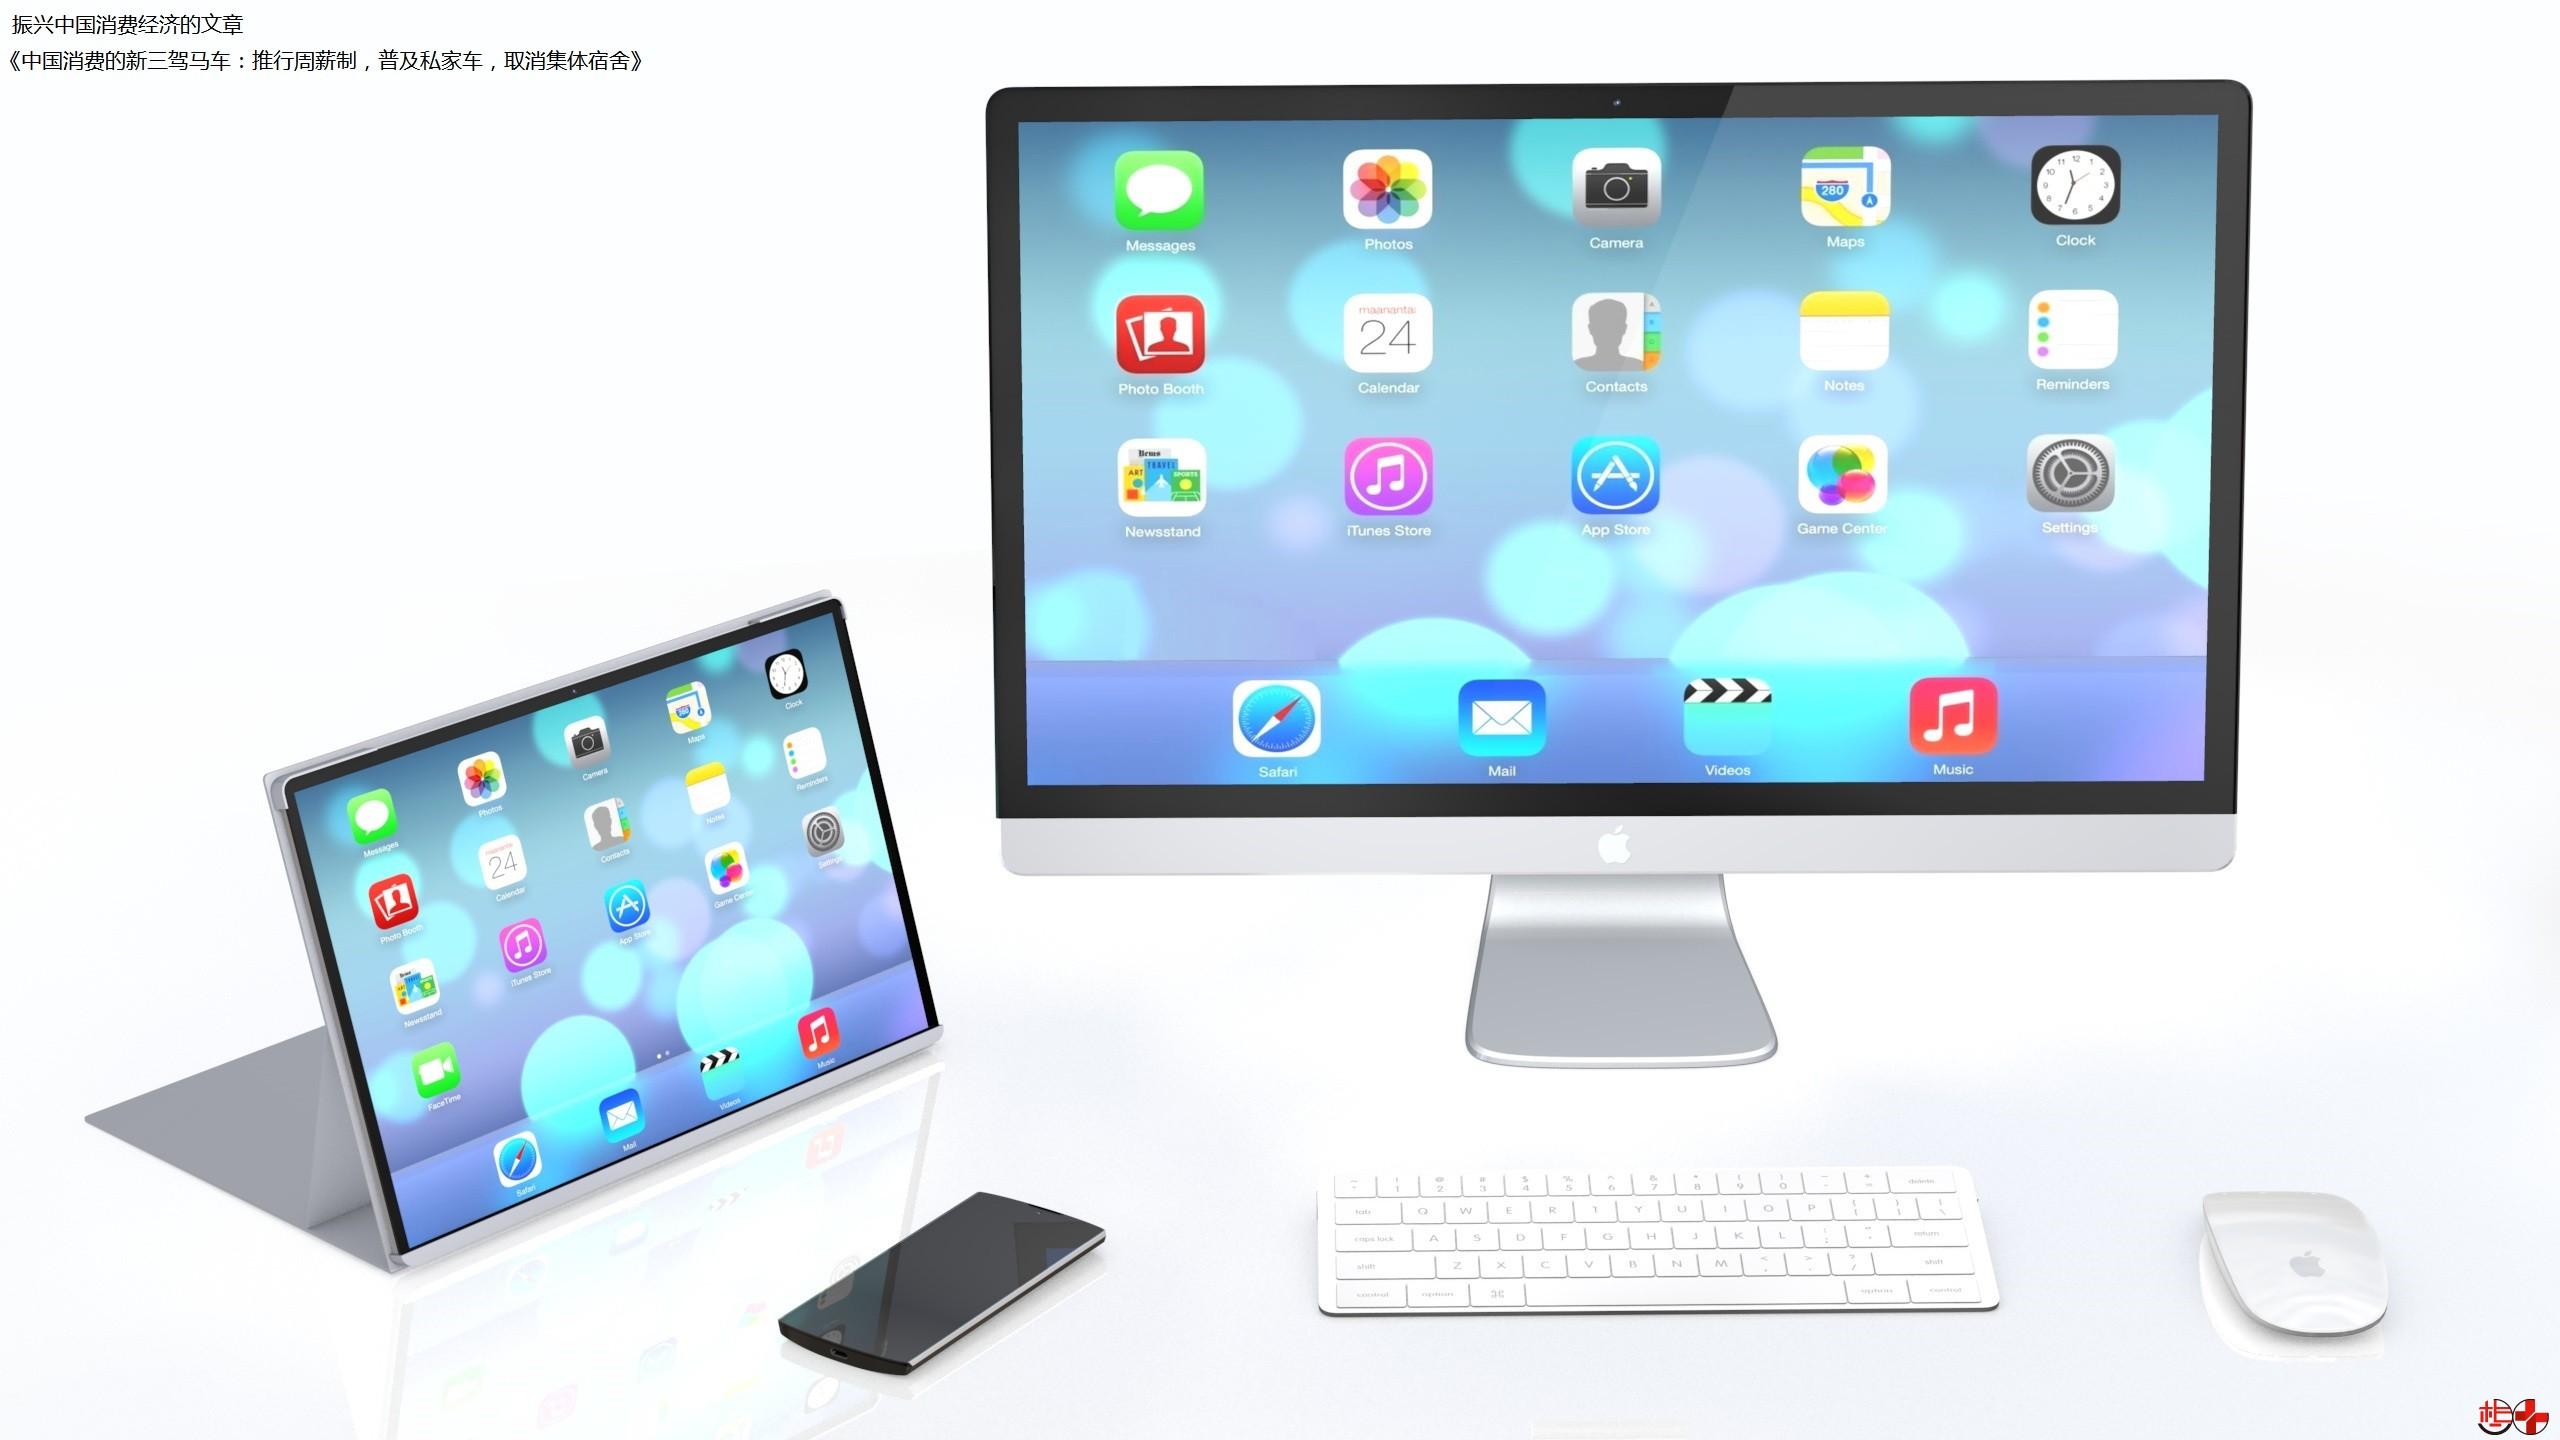 【平板电脑概念设计】-【联想平板】论坛-手机乐粉家